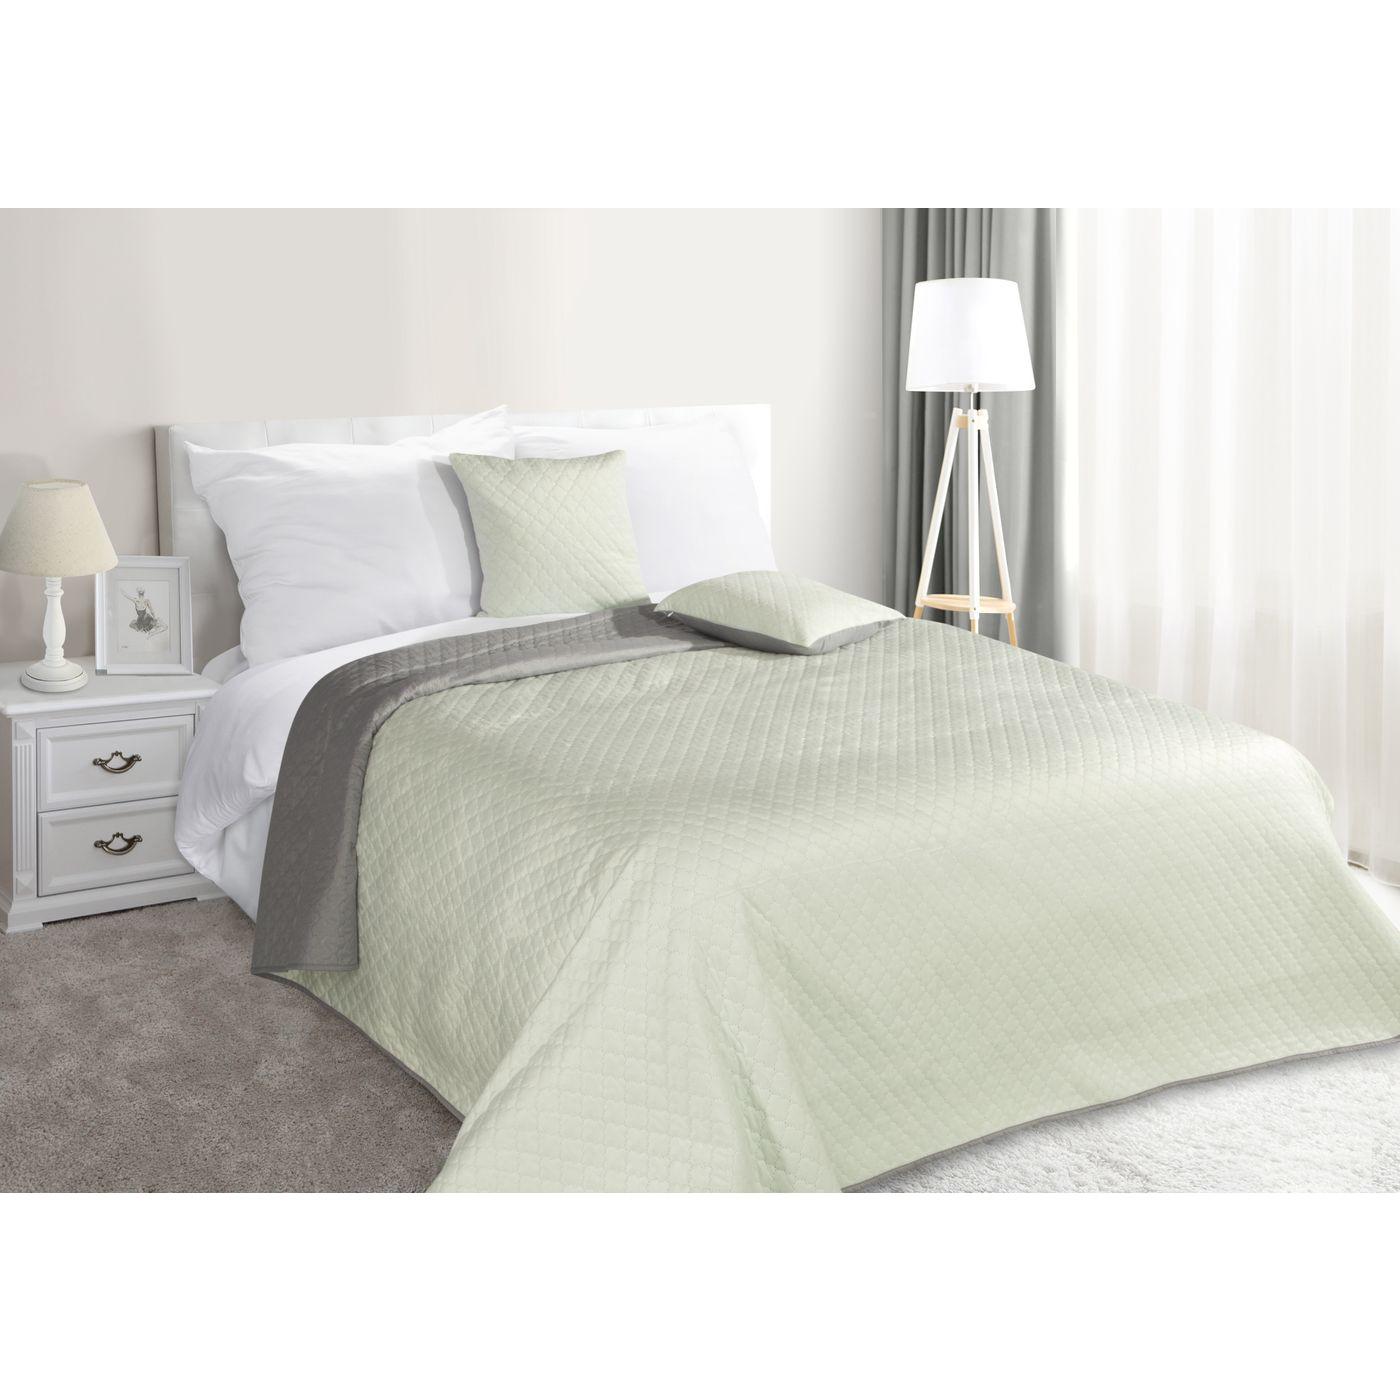 Narzuta na łóżko dwustronna marokańska koniczyna 170x210 cm miętowo-szara